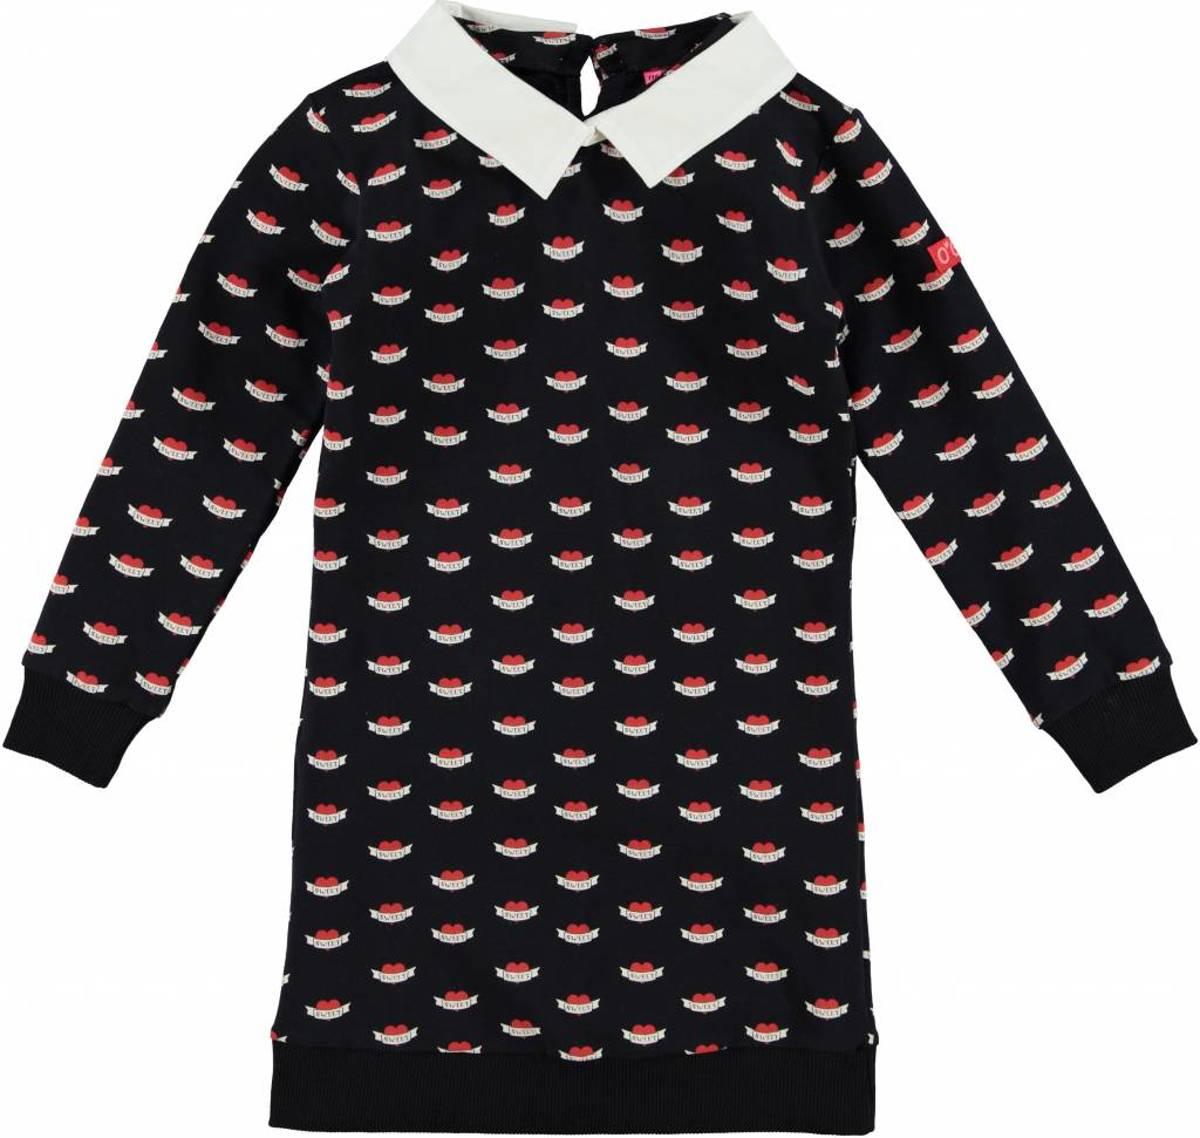 8ec59f9f4 https   www.bol.com nl p zwart-france-supporter-mouwloos-shirt-heren ...